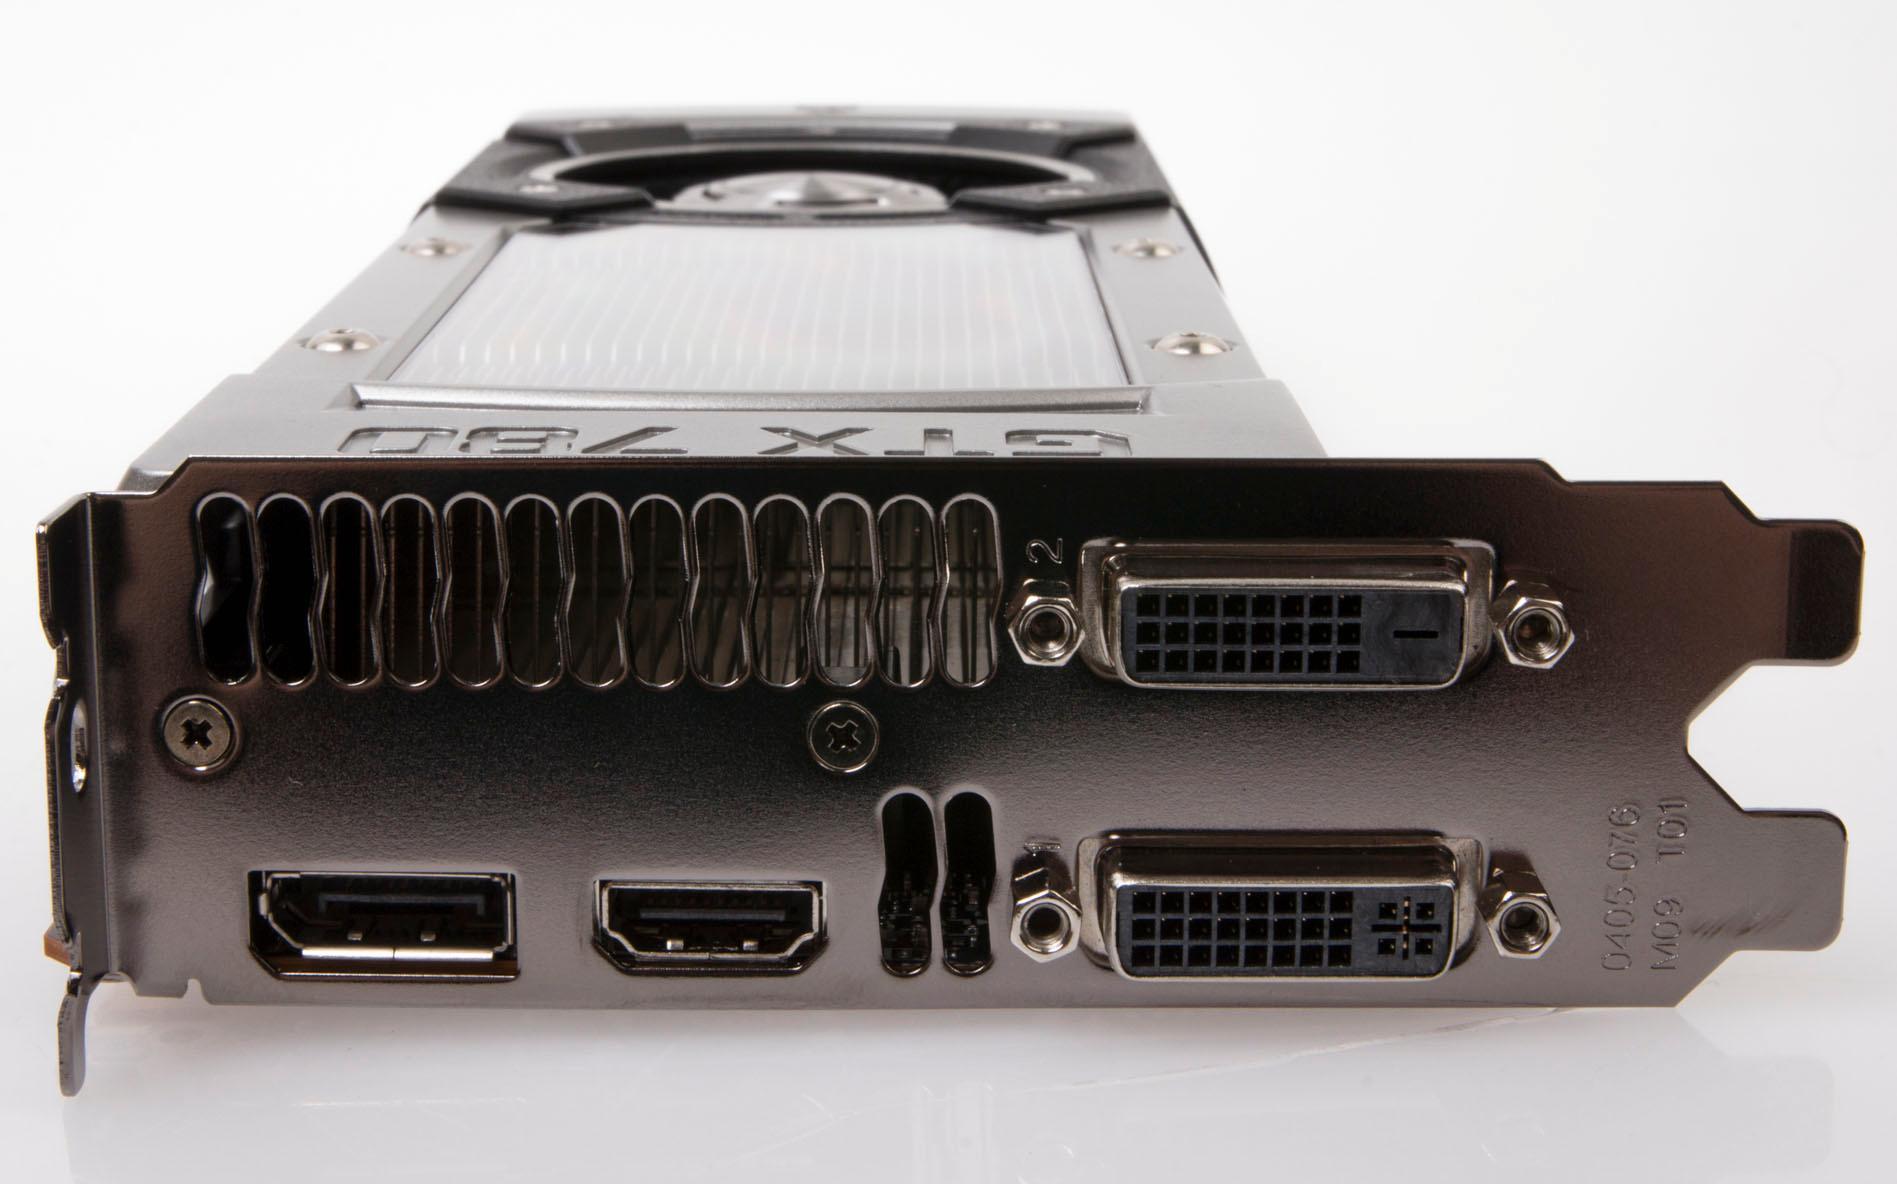 Som mange av dets slektninger har GeForce GTX 780 to DVI-utganger, HDMI og DisplayPort.Foto: Varg Aamo, Hardware.no